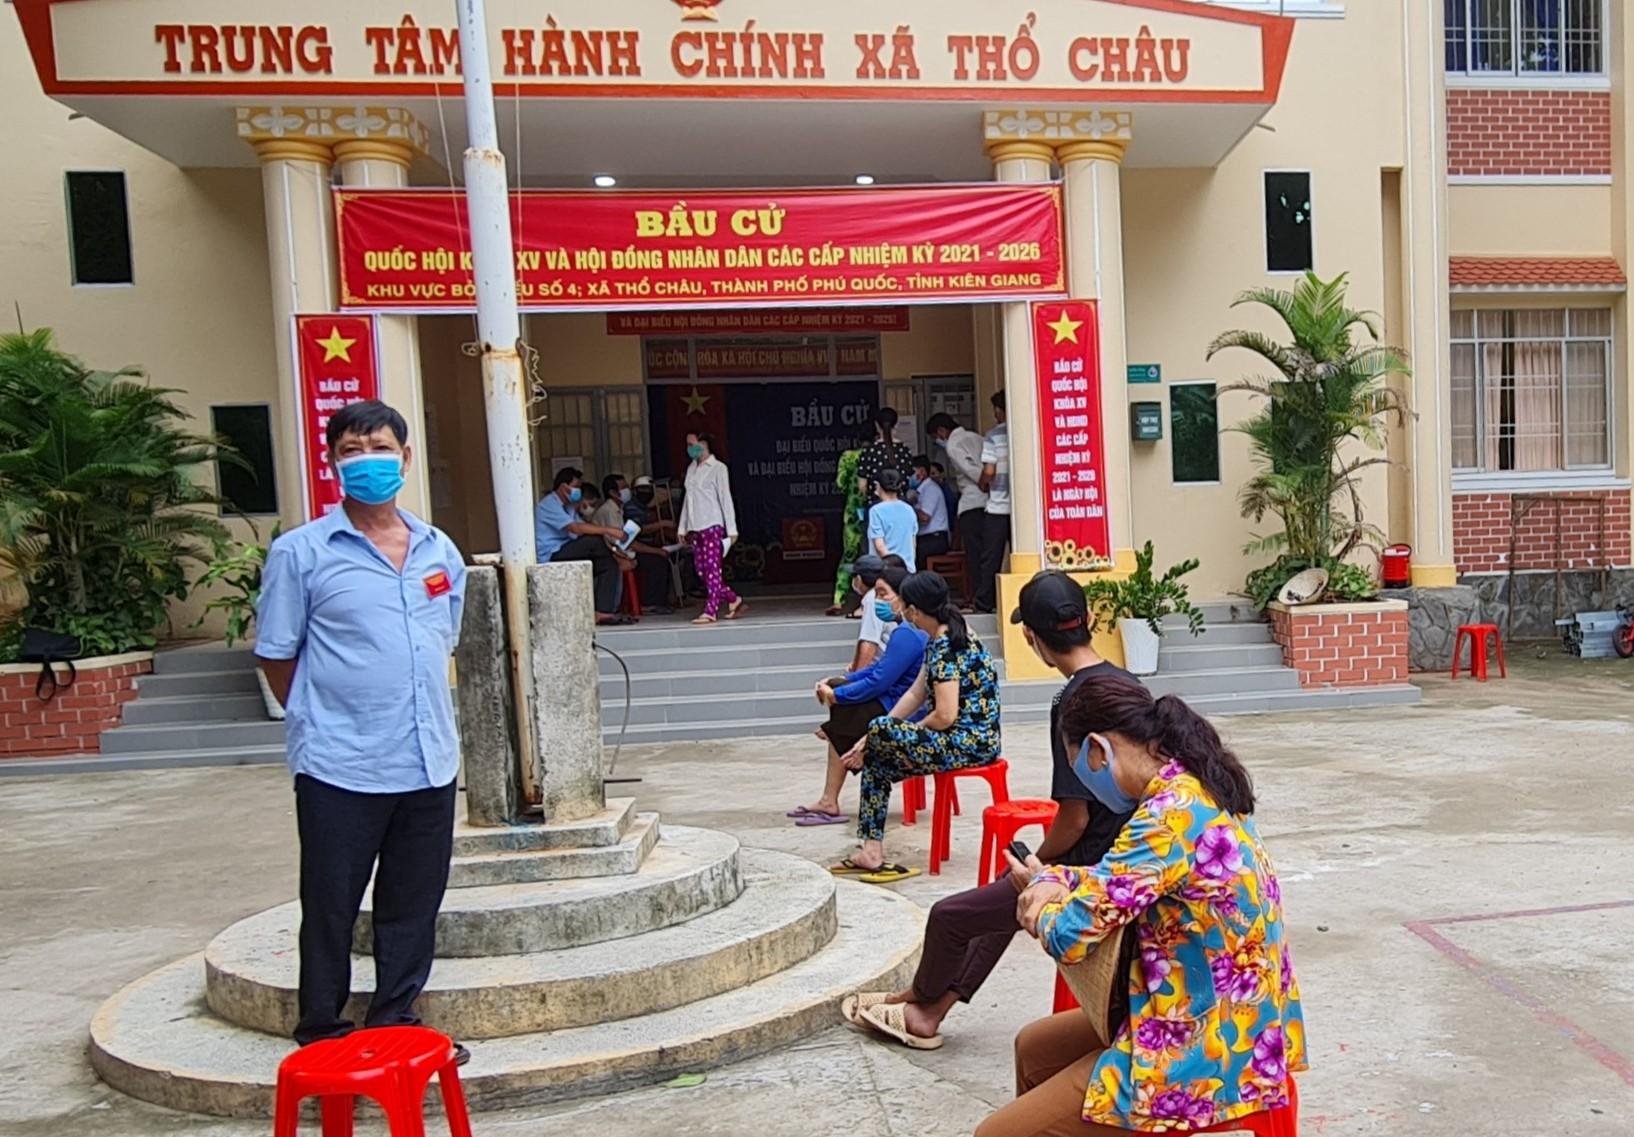 Một điểm bầu cử tại tỉnh Kiên Giang